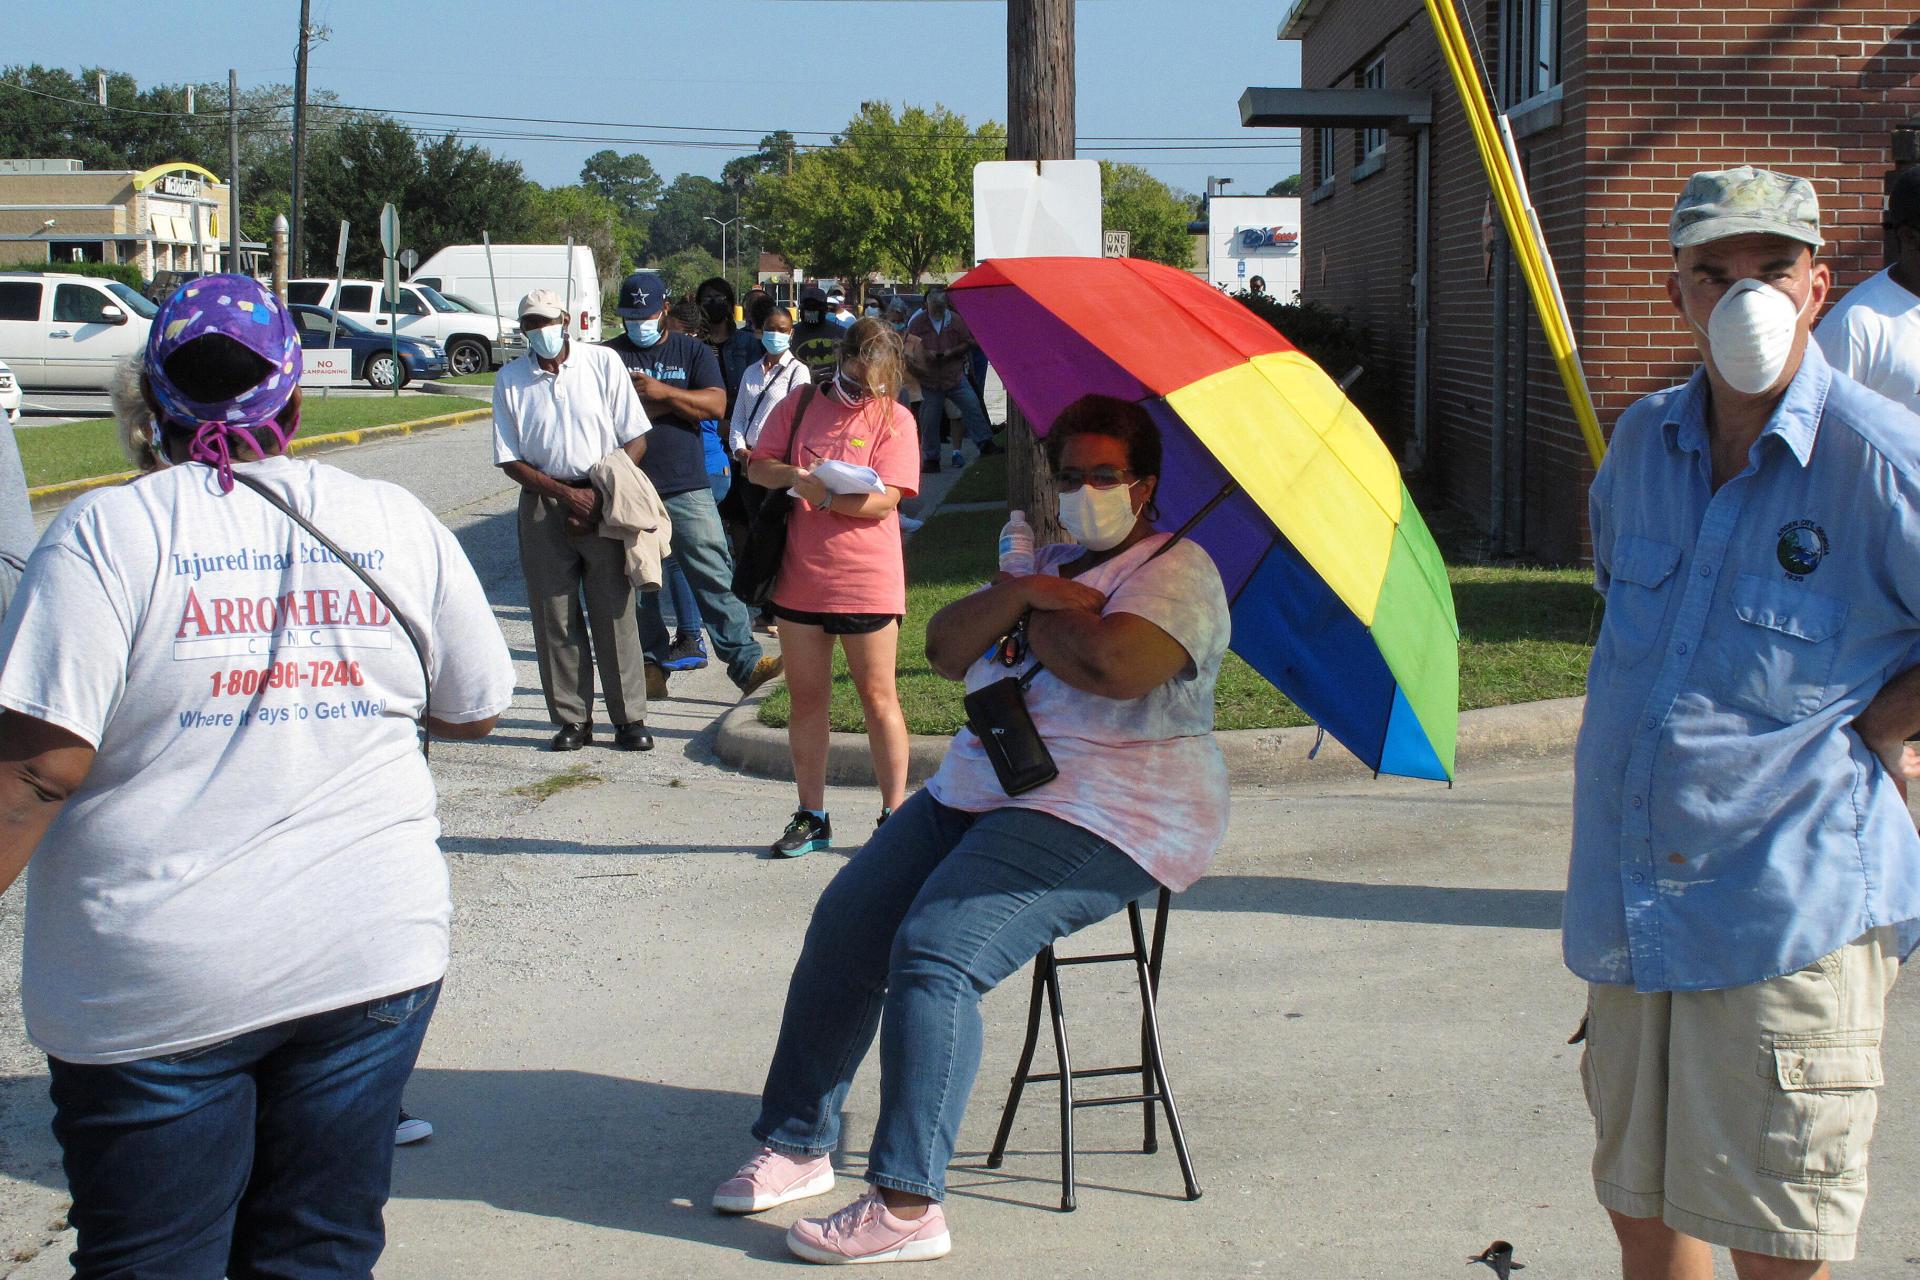 Le 14 octobre à Savannah, en Géorgie, la communauté afro-américaine a voté par milliers.  Ils font parfois la queue pendant des heures.